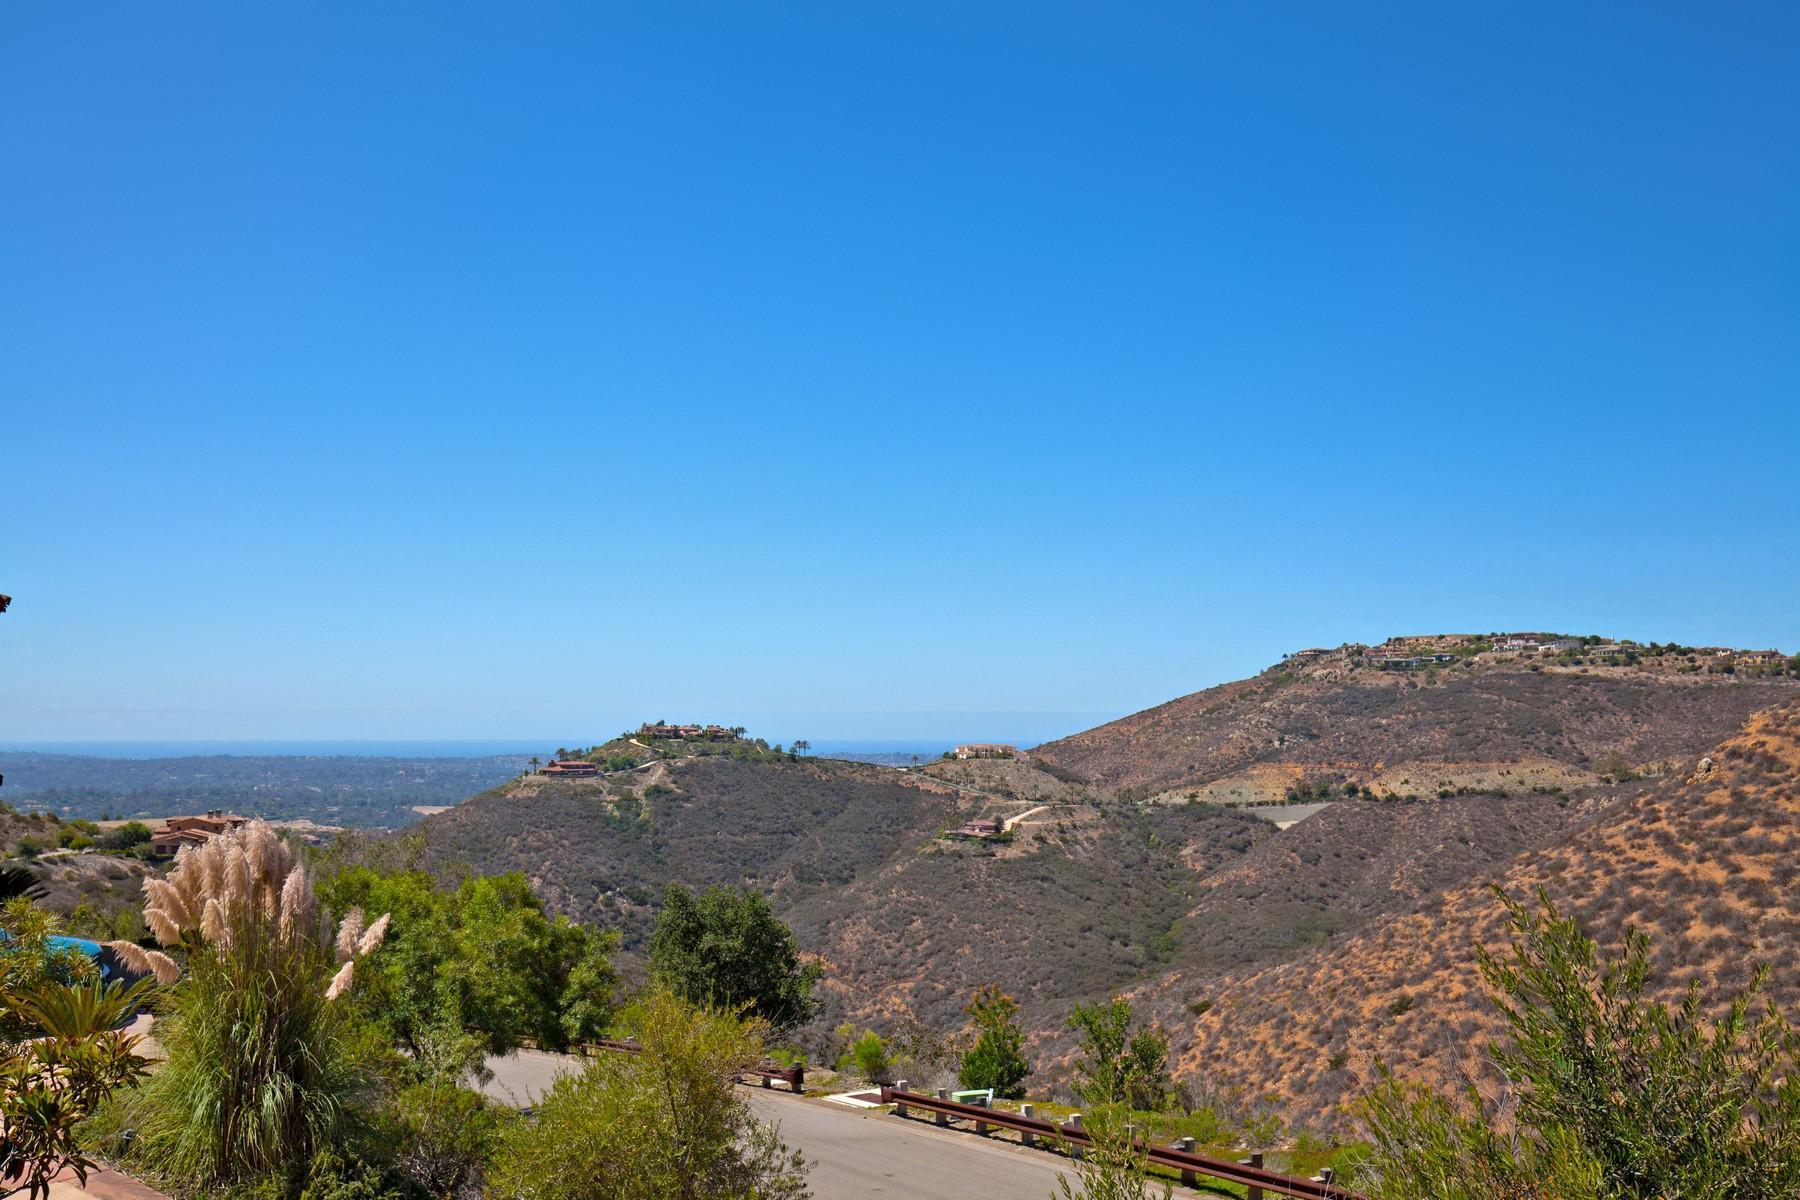 Terreno por un Venta en El Brazo lot 87 Rancho Santa Fe, California 92067 Estados Unidos